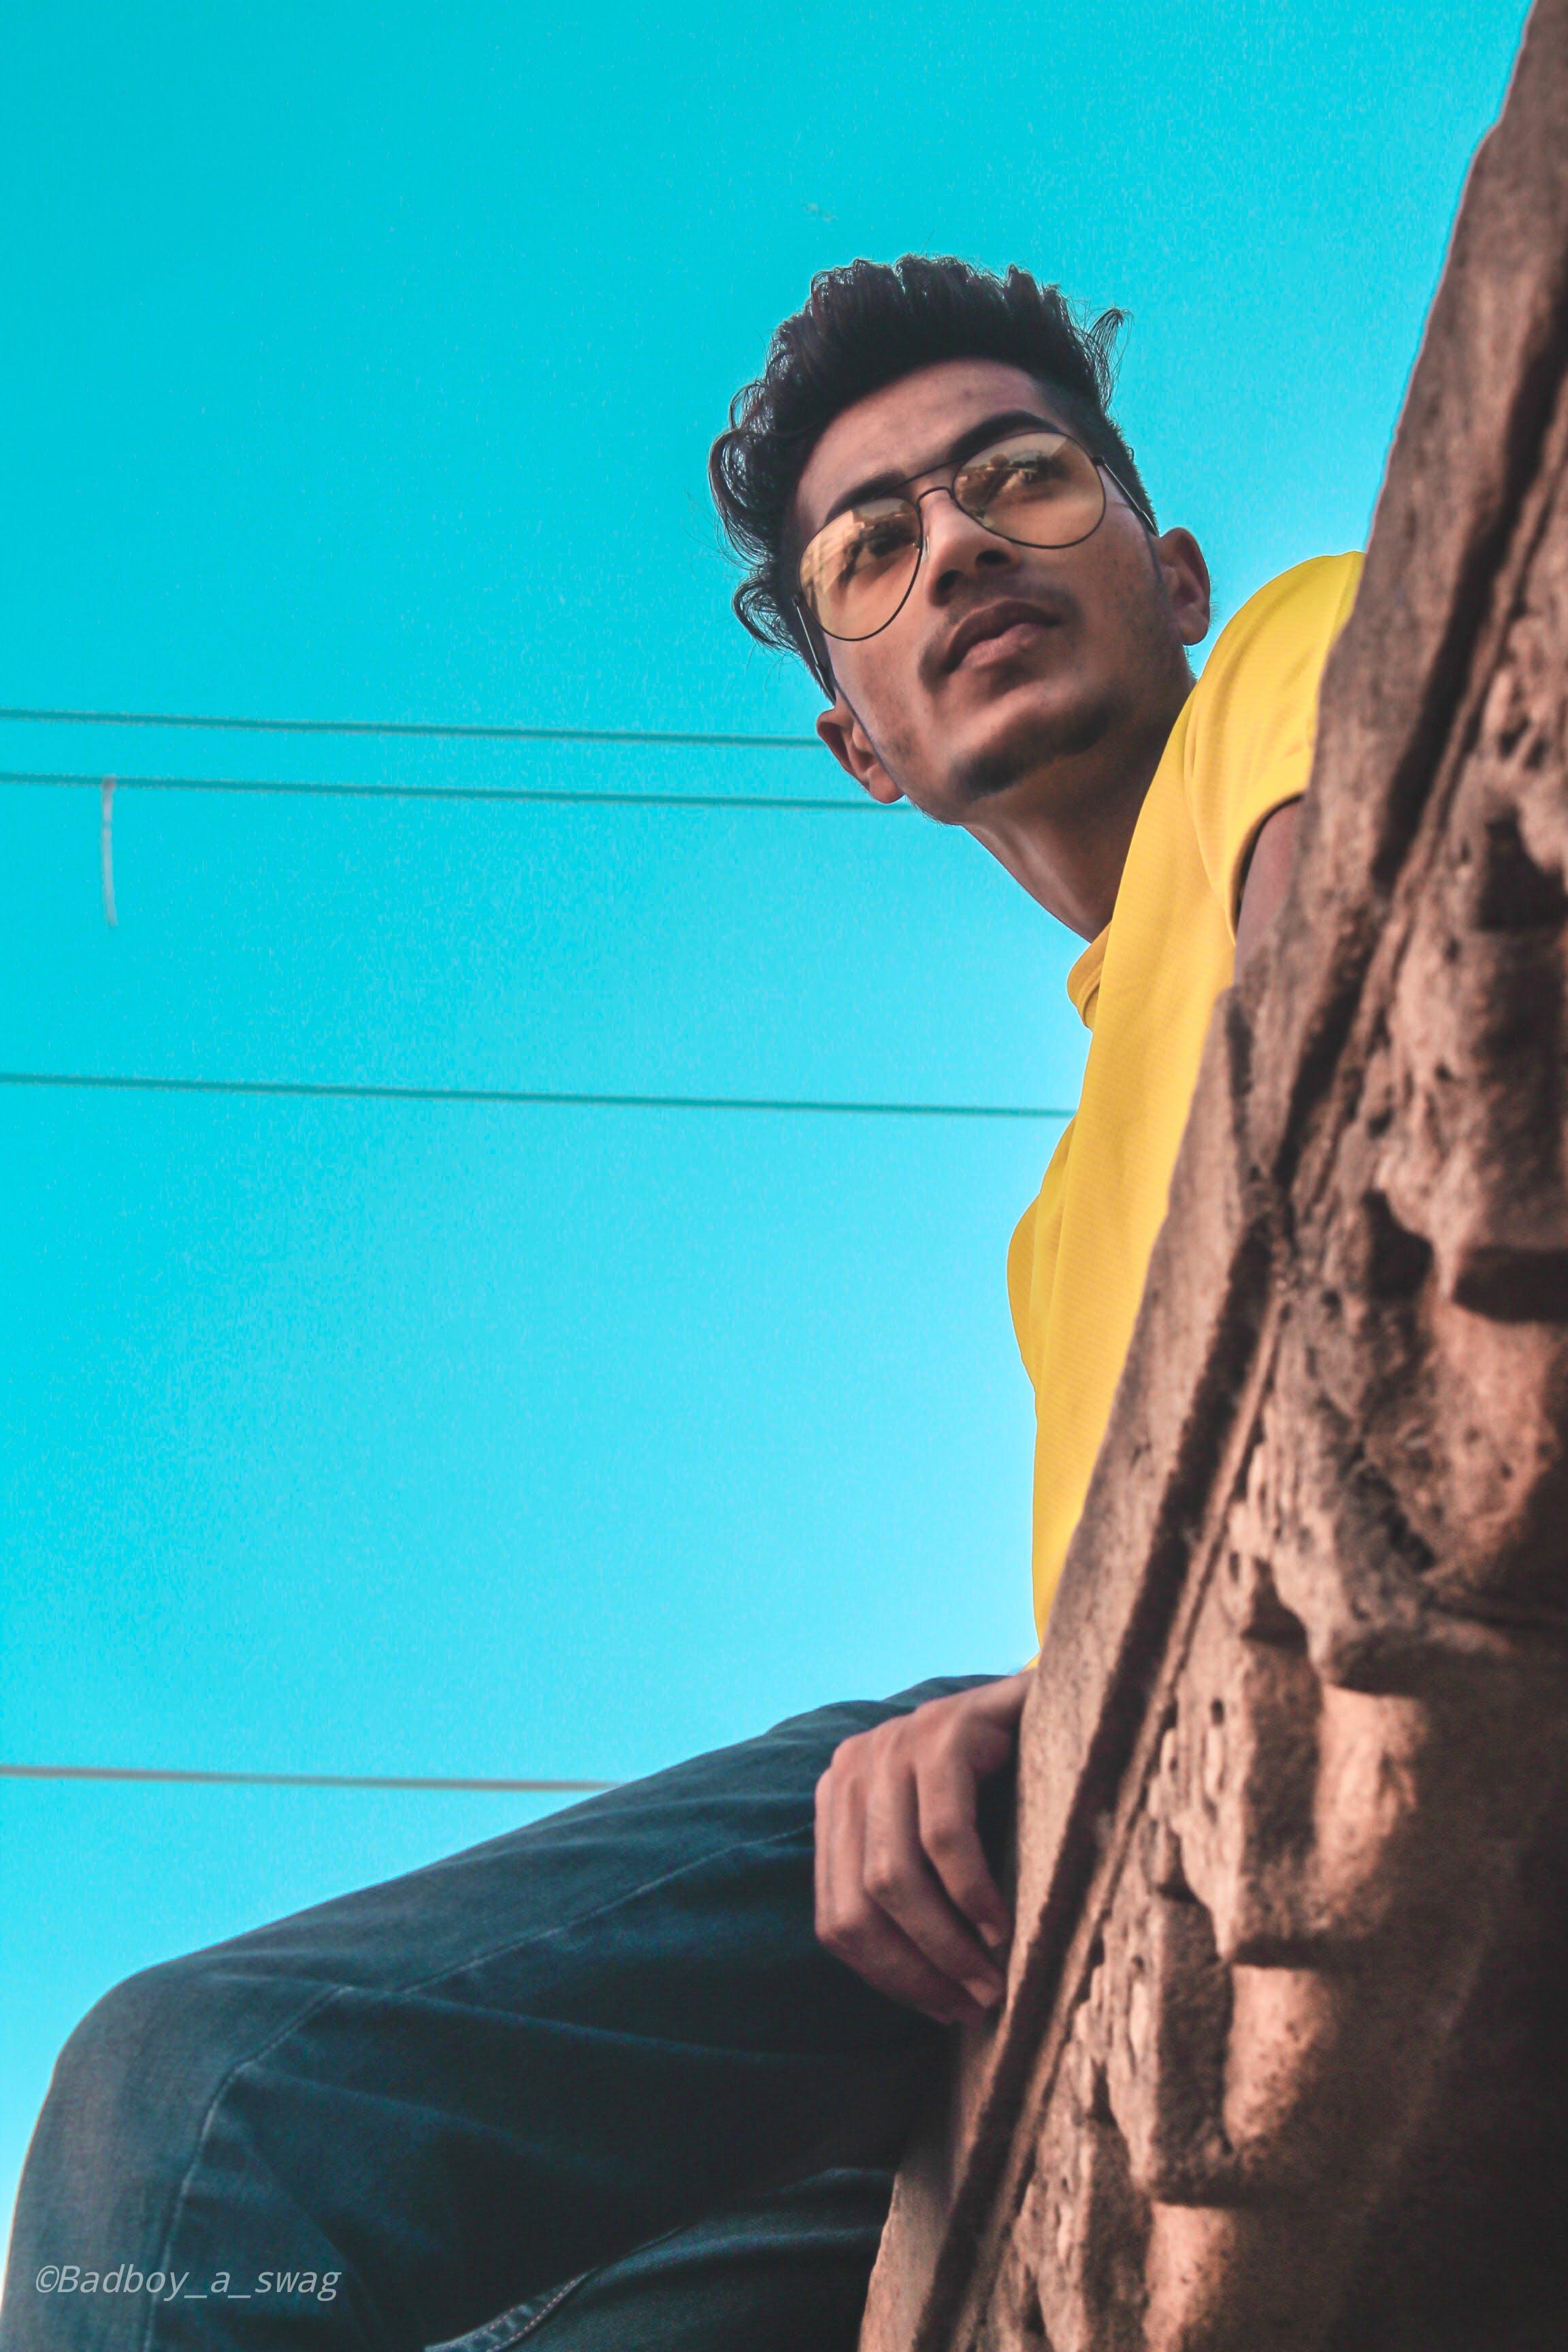 Kostenloses Stock Foto zu aasilschaikh, blauem hintergrund, brillen, bunt